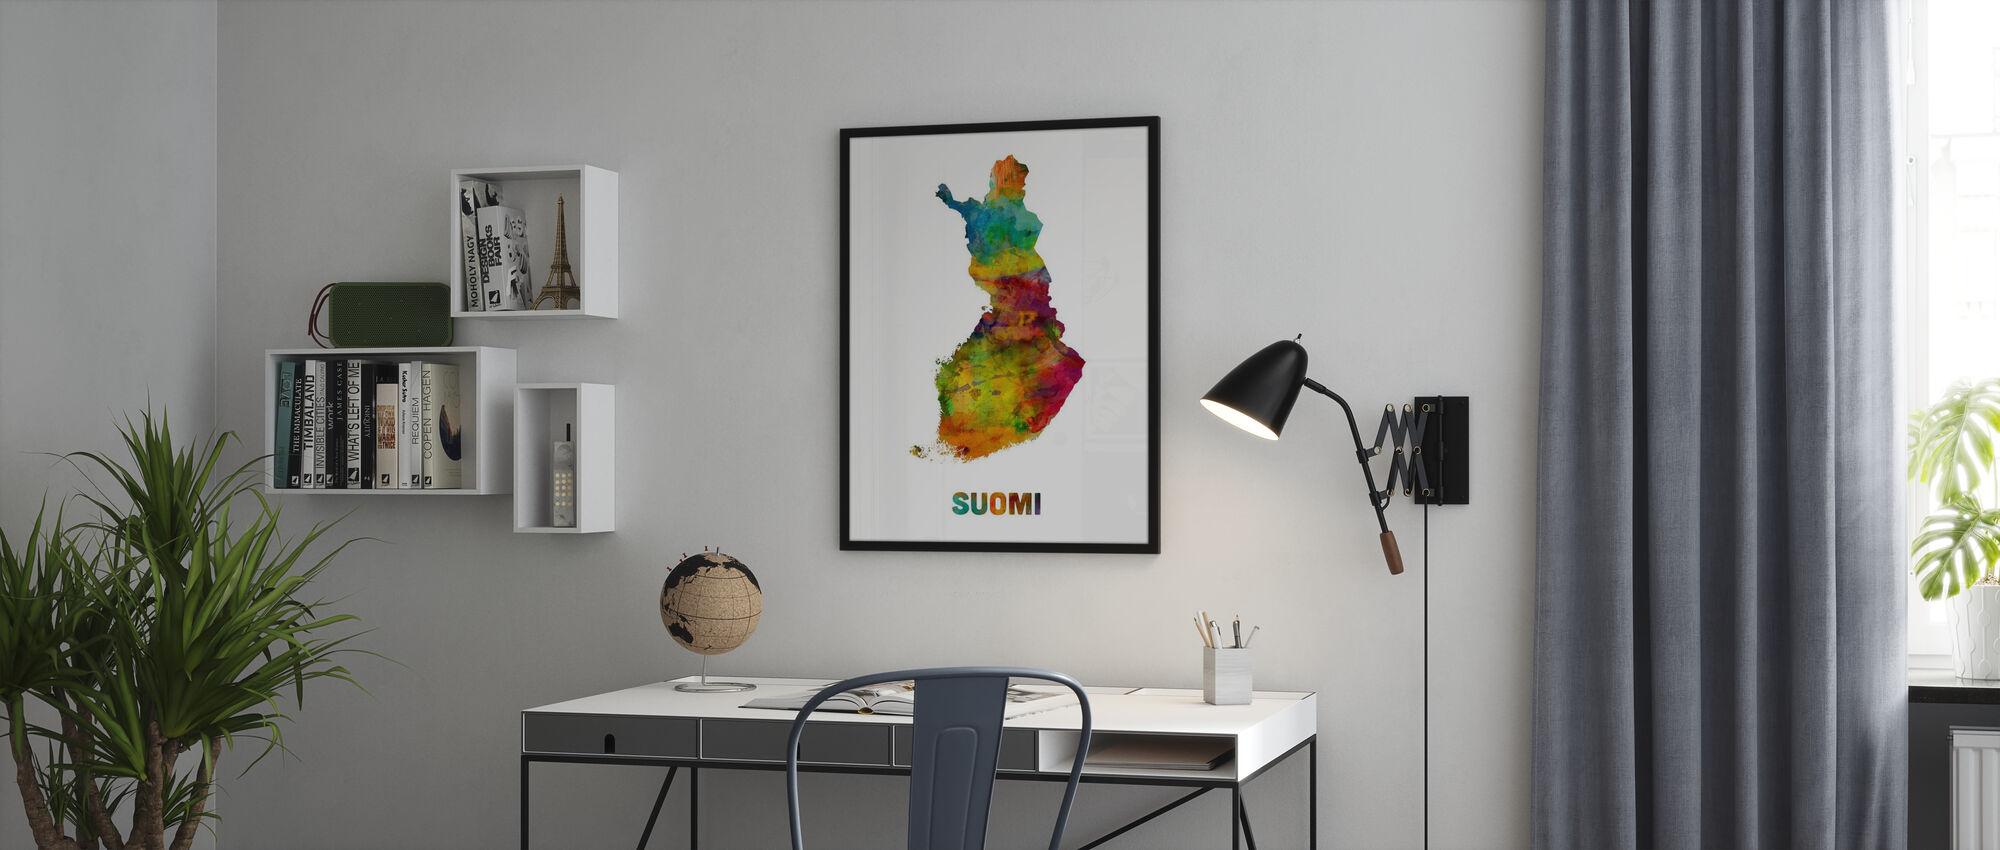 Suomi Vesiväri Kartta - Kehystetty kuva - Toimisto